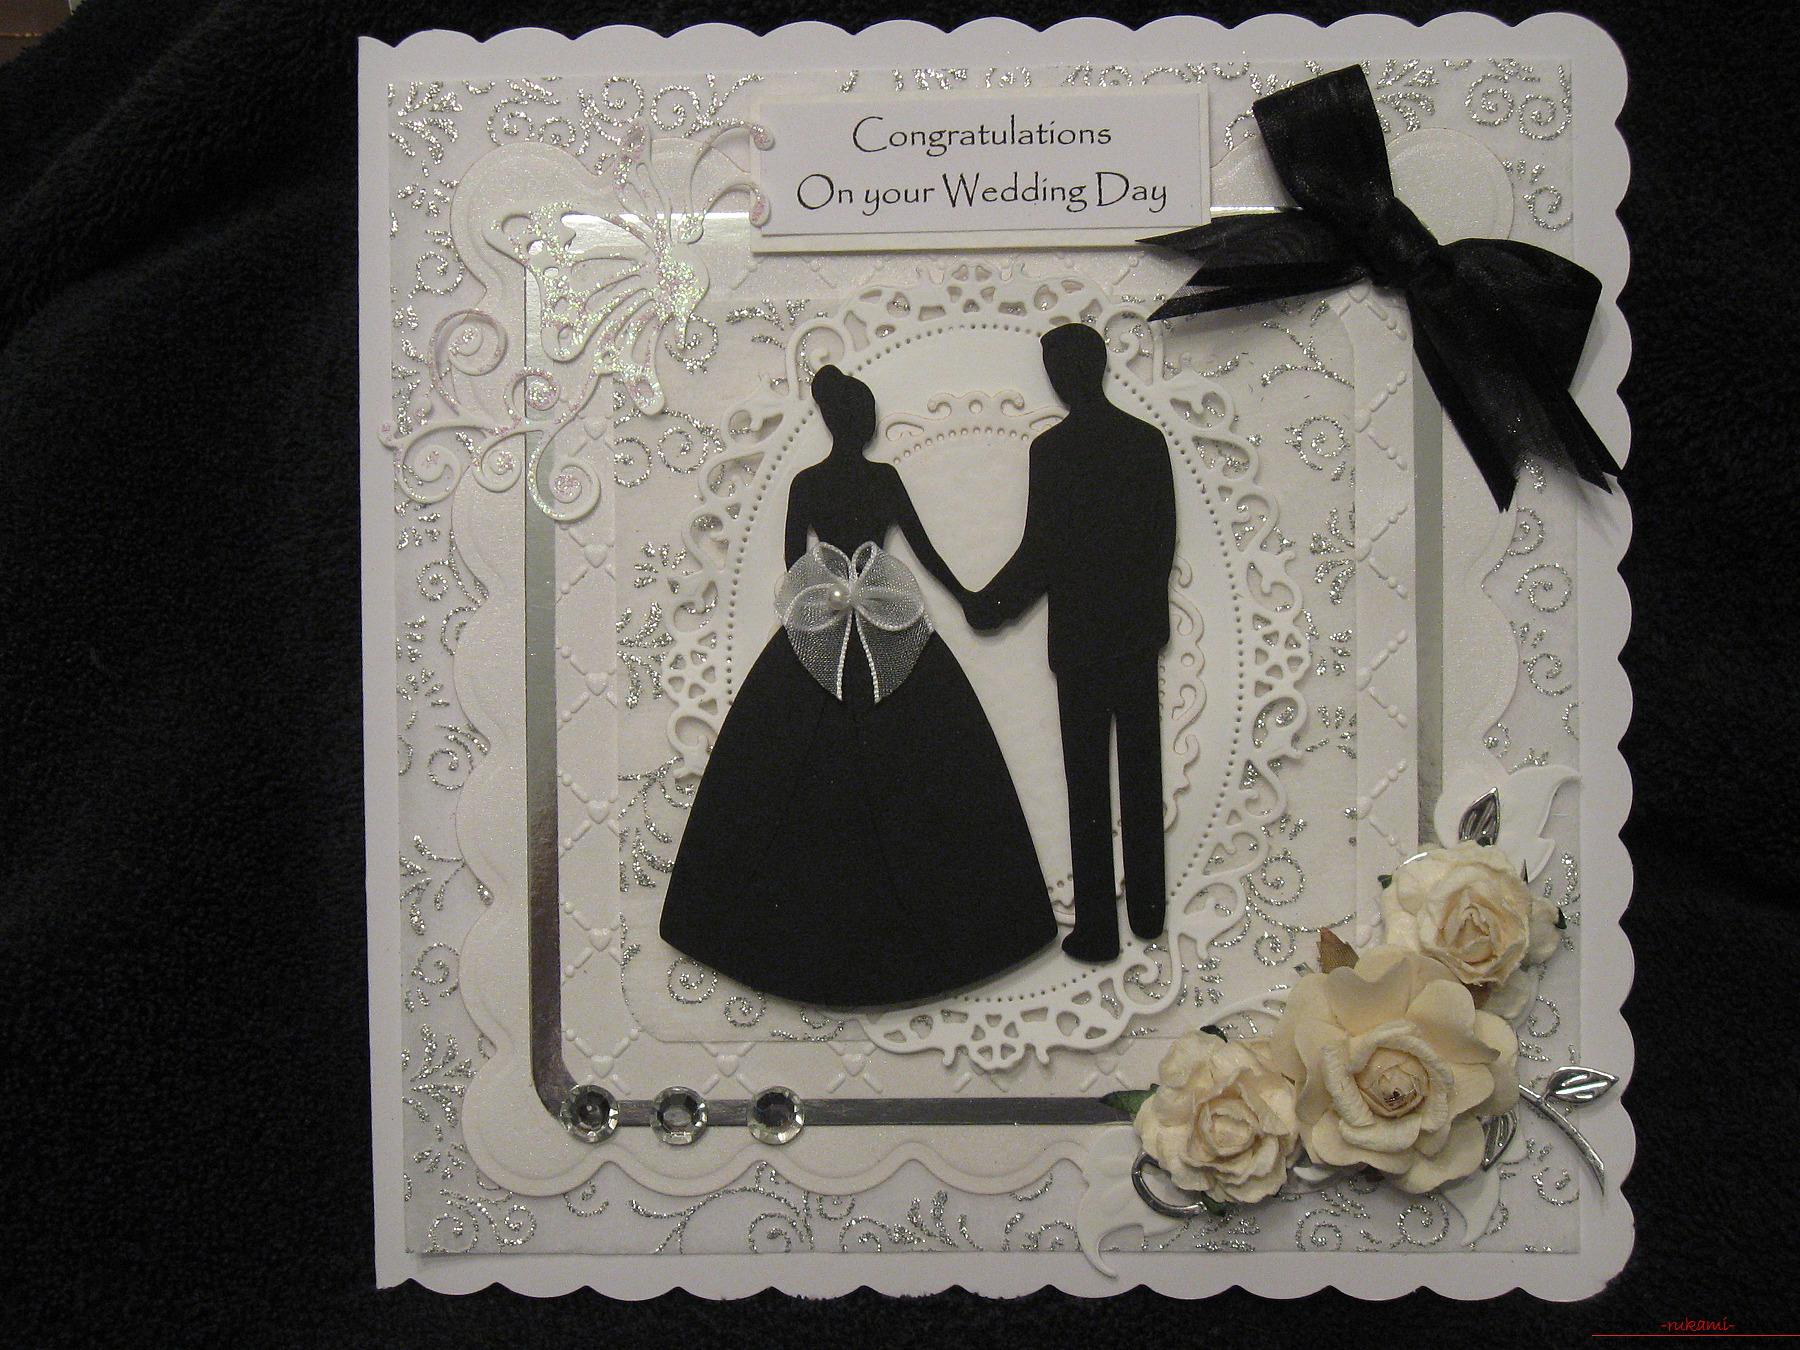 Открытки с днем свадьбы: топ-150 фото лучших новинок. самые красивые варианты дизайна открытки на свадьбу для молодоженов